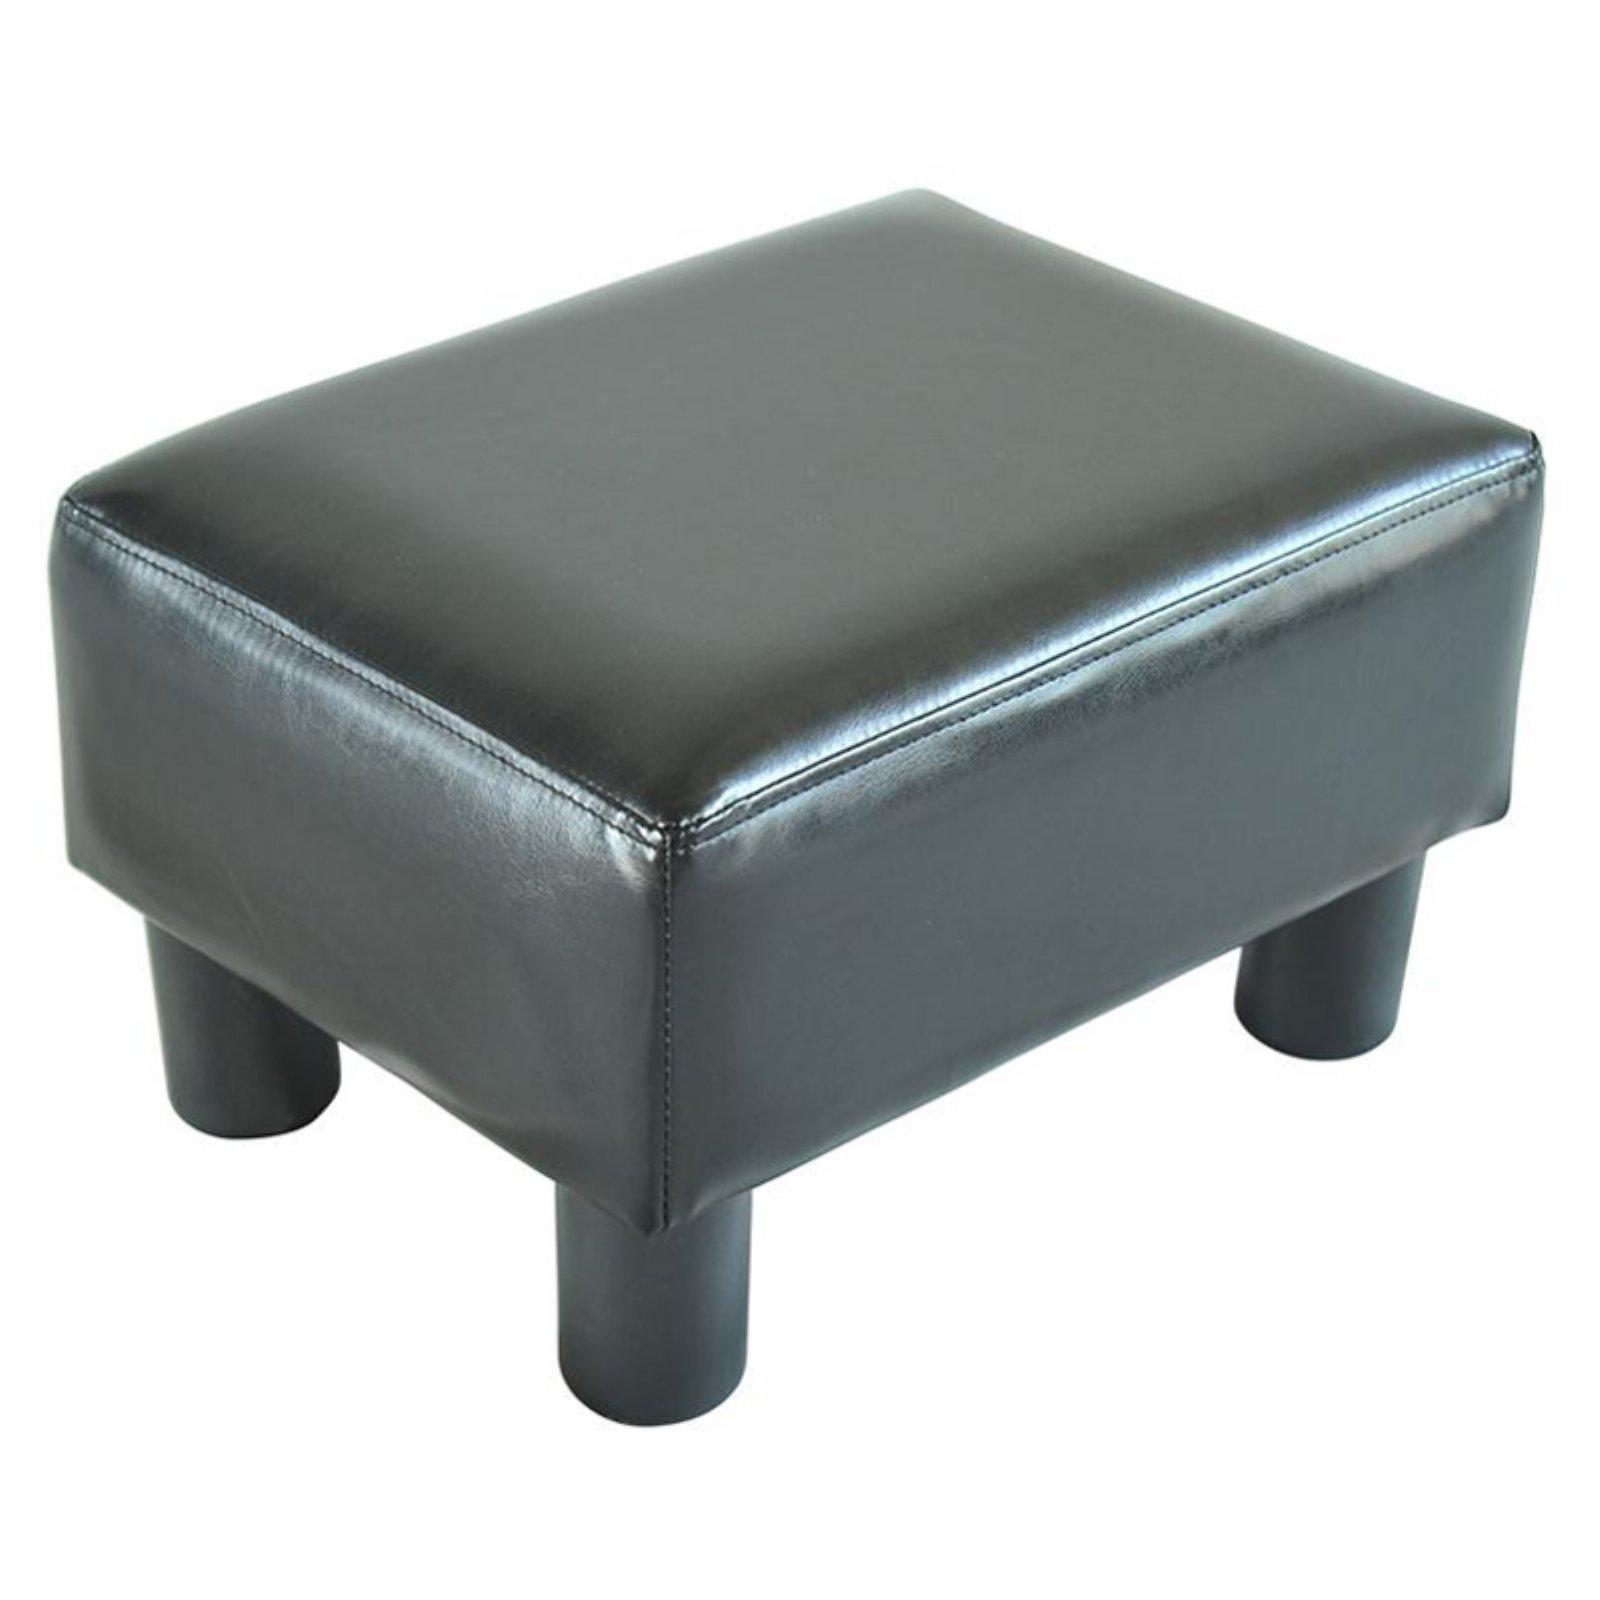 Homcom Modern Small Faux Leather Ottoman   Footrest Stool by Aosom LLC